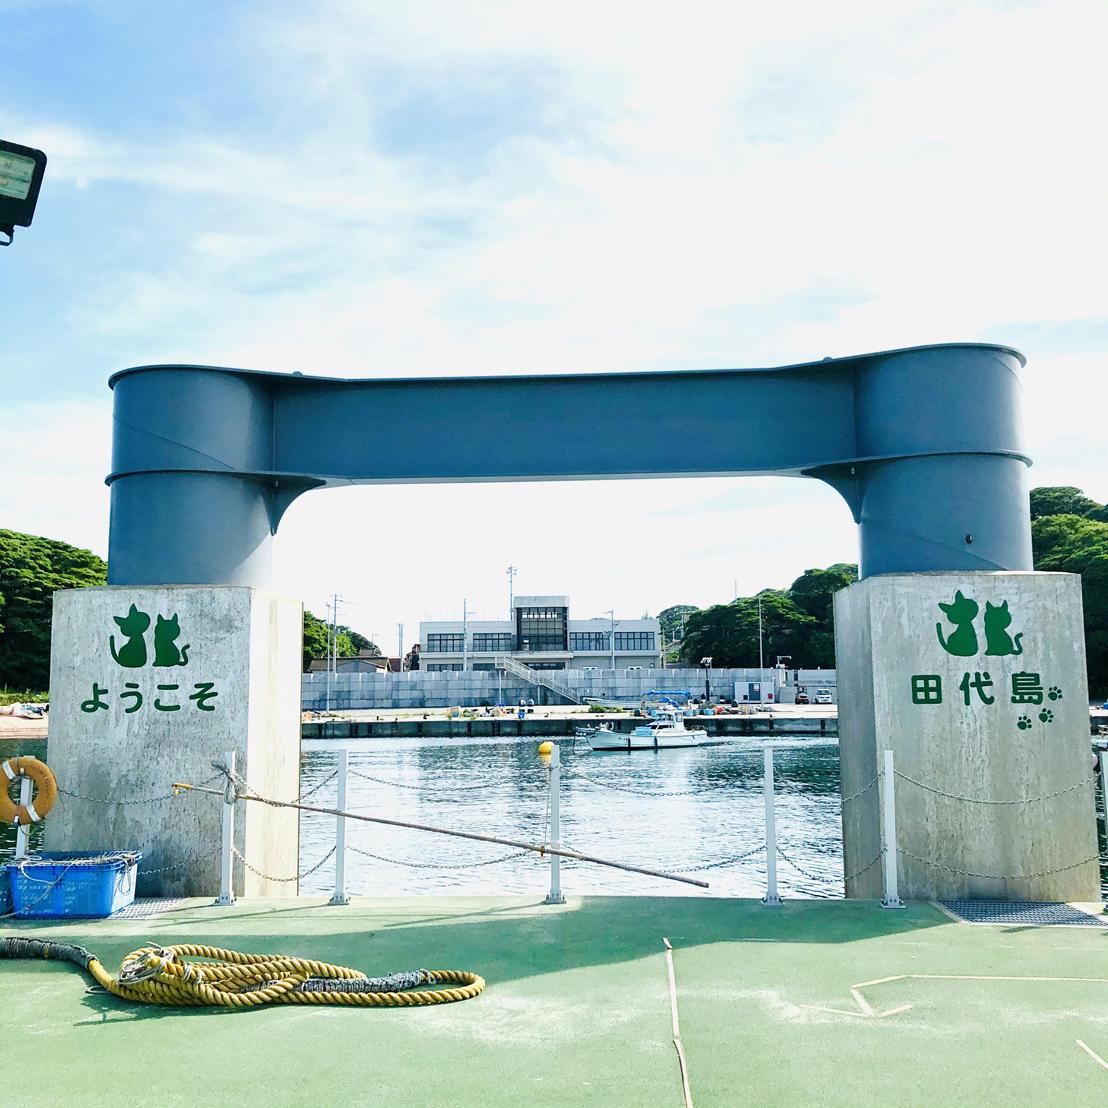 田代島の玄関口 仁斗田港